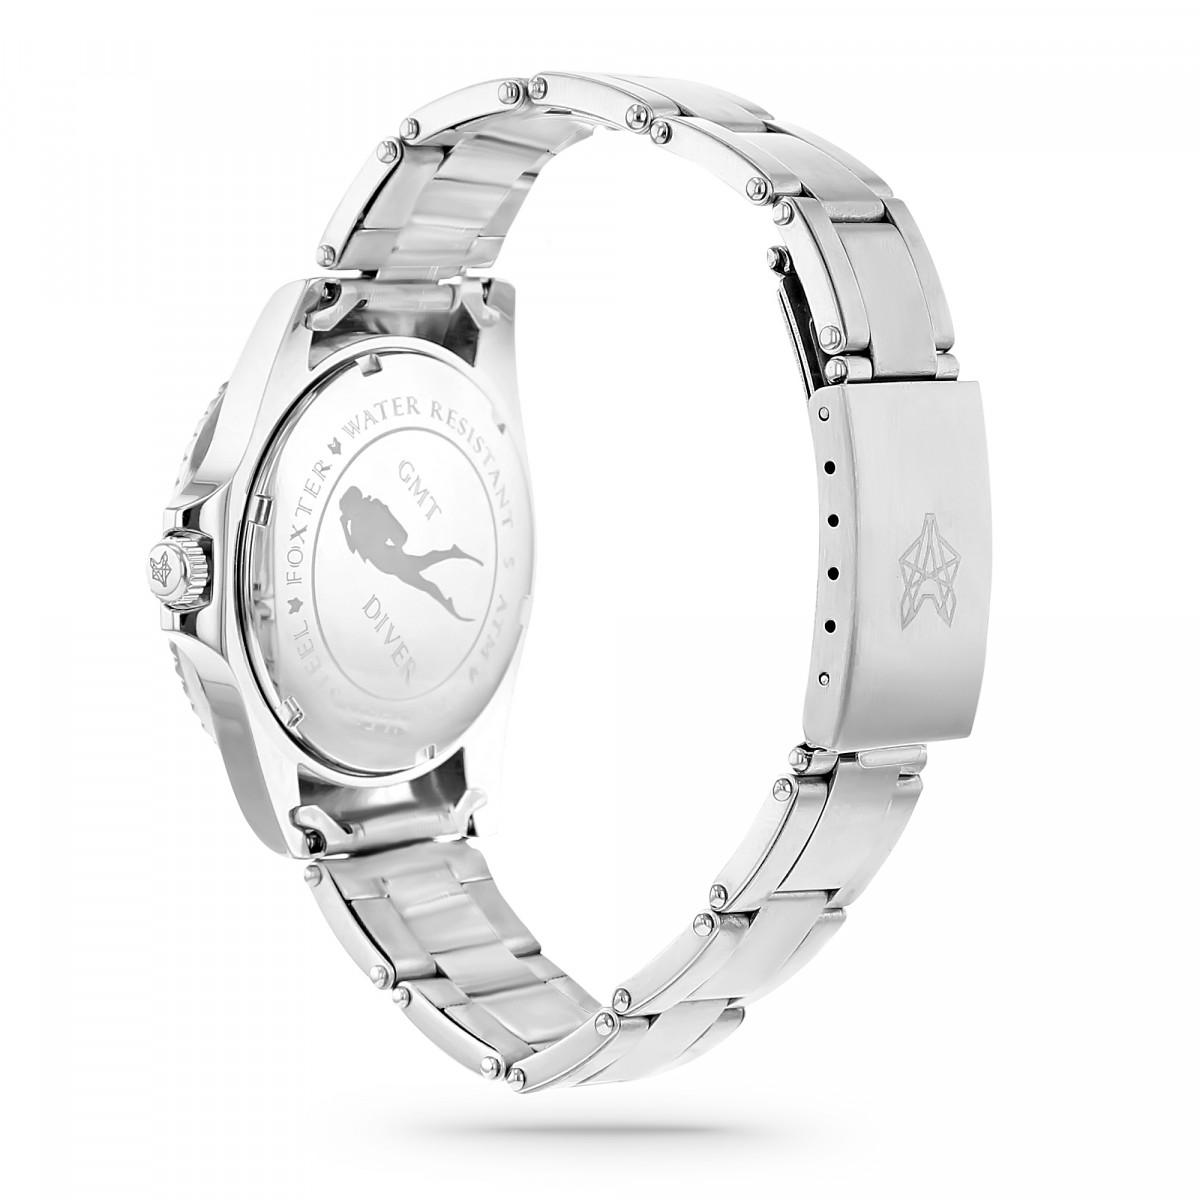 Montre Homme Foxter Sixties bracelet acier, boitier acier et fond noir - SIXTIES9